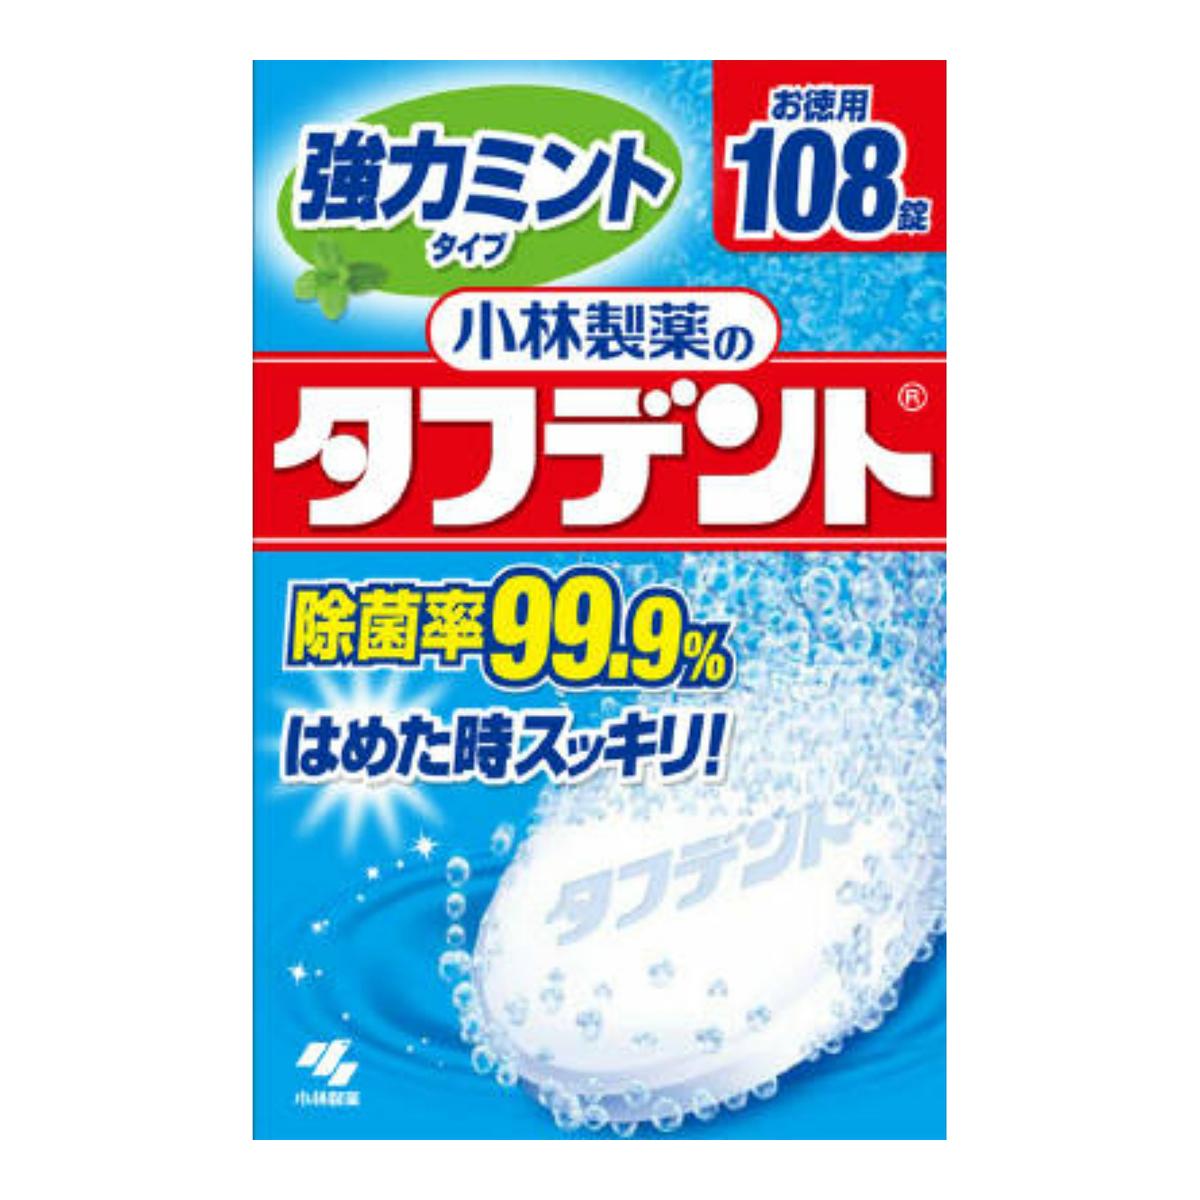 【送料無料】小林製薬 除菌ができるタフデント 強力ミントタイプ 108錠×32点セット まとめ買い特価!ケース販売 ( 4987072023990 )